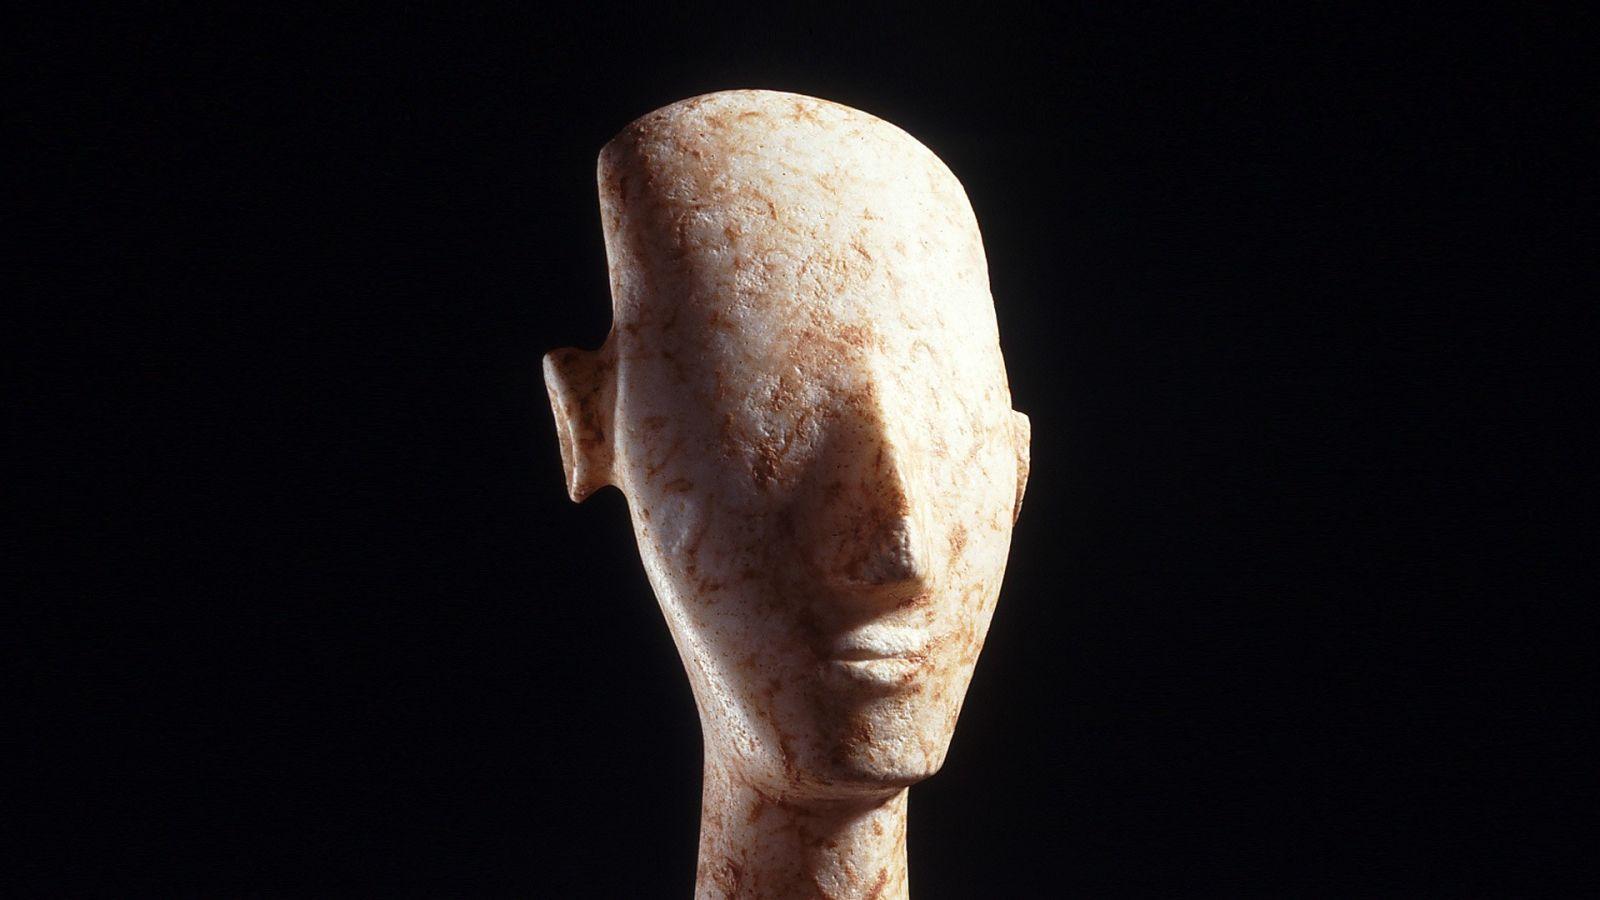 Μουσείο Κυκλαδικής Τέχνης: Online περιήγηση στην έκθεση «Κυκλαδική Κοινωνία. 5000 χρόνια πριν»